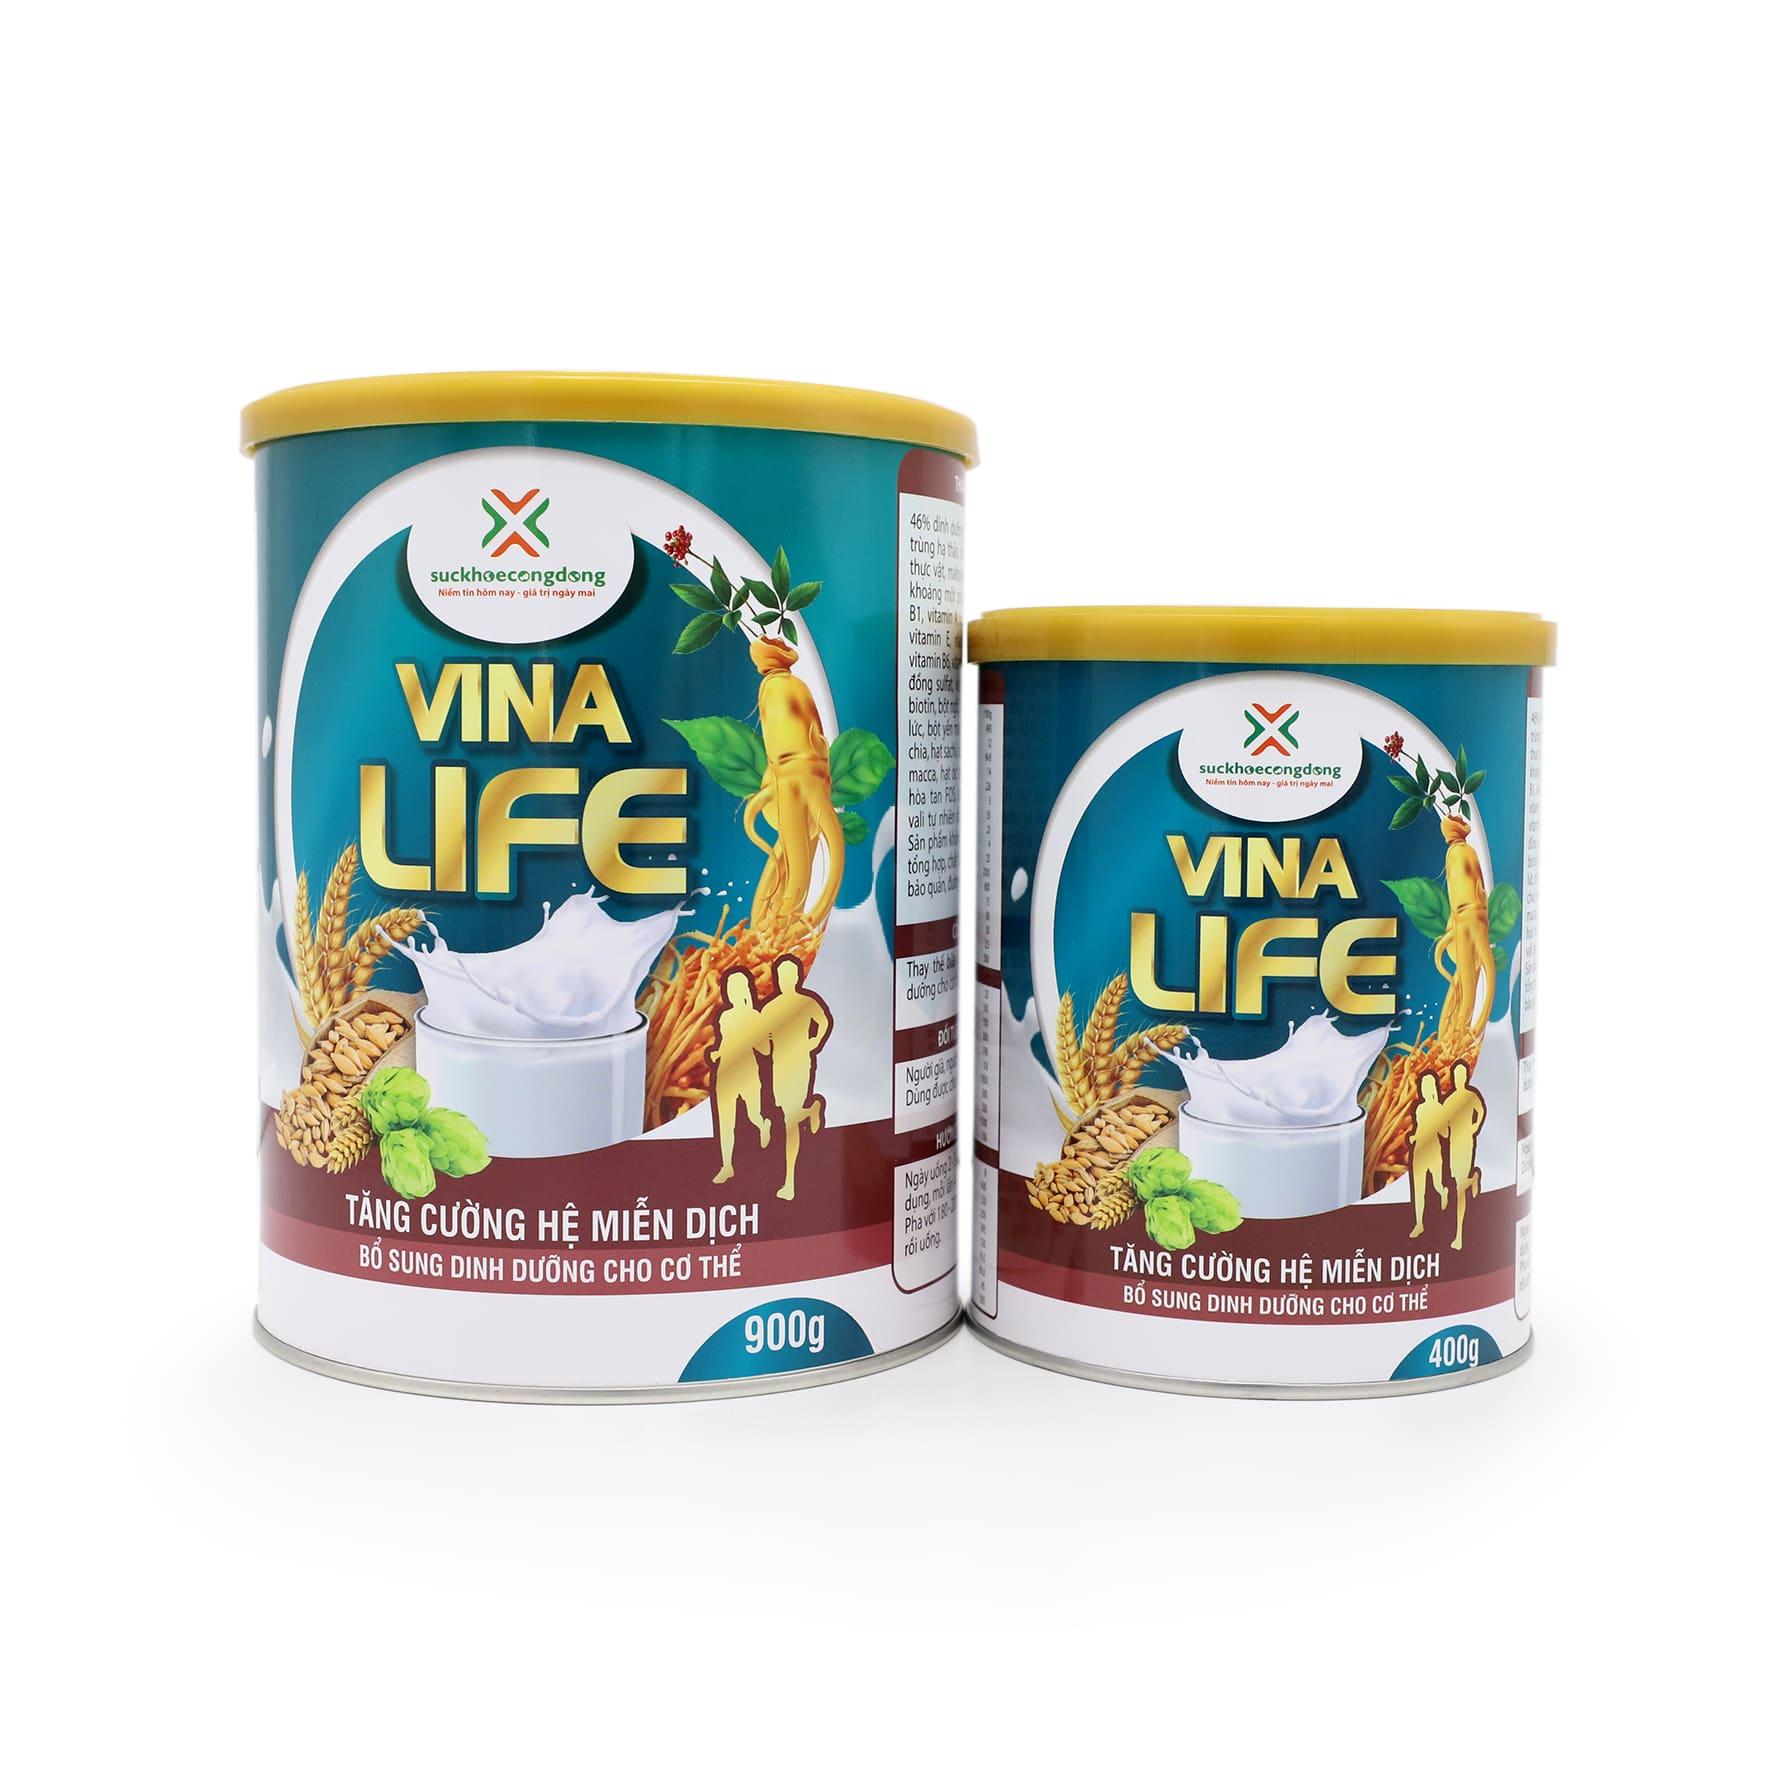 Thực phẩm dinh dưỡng VInalife